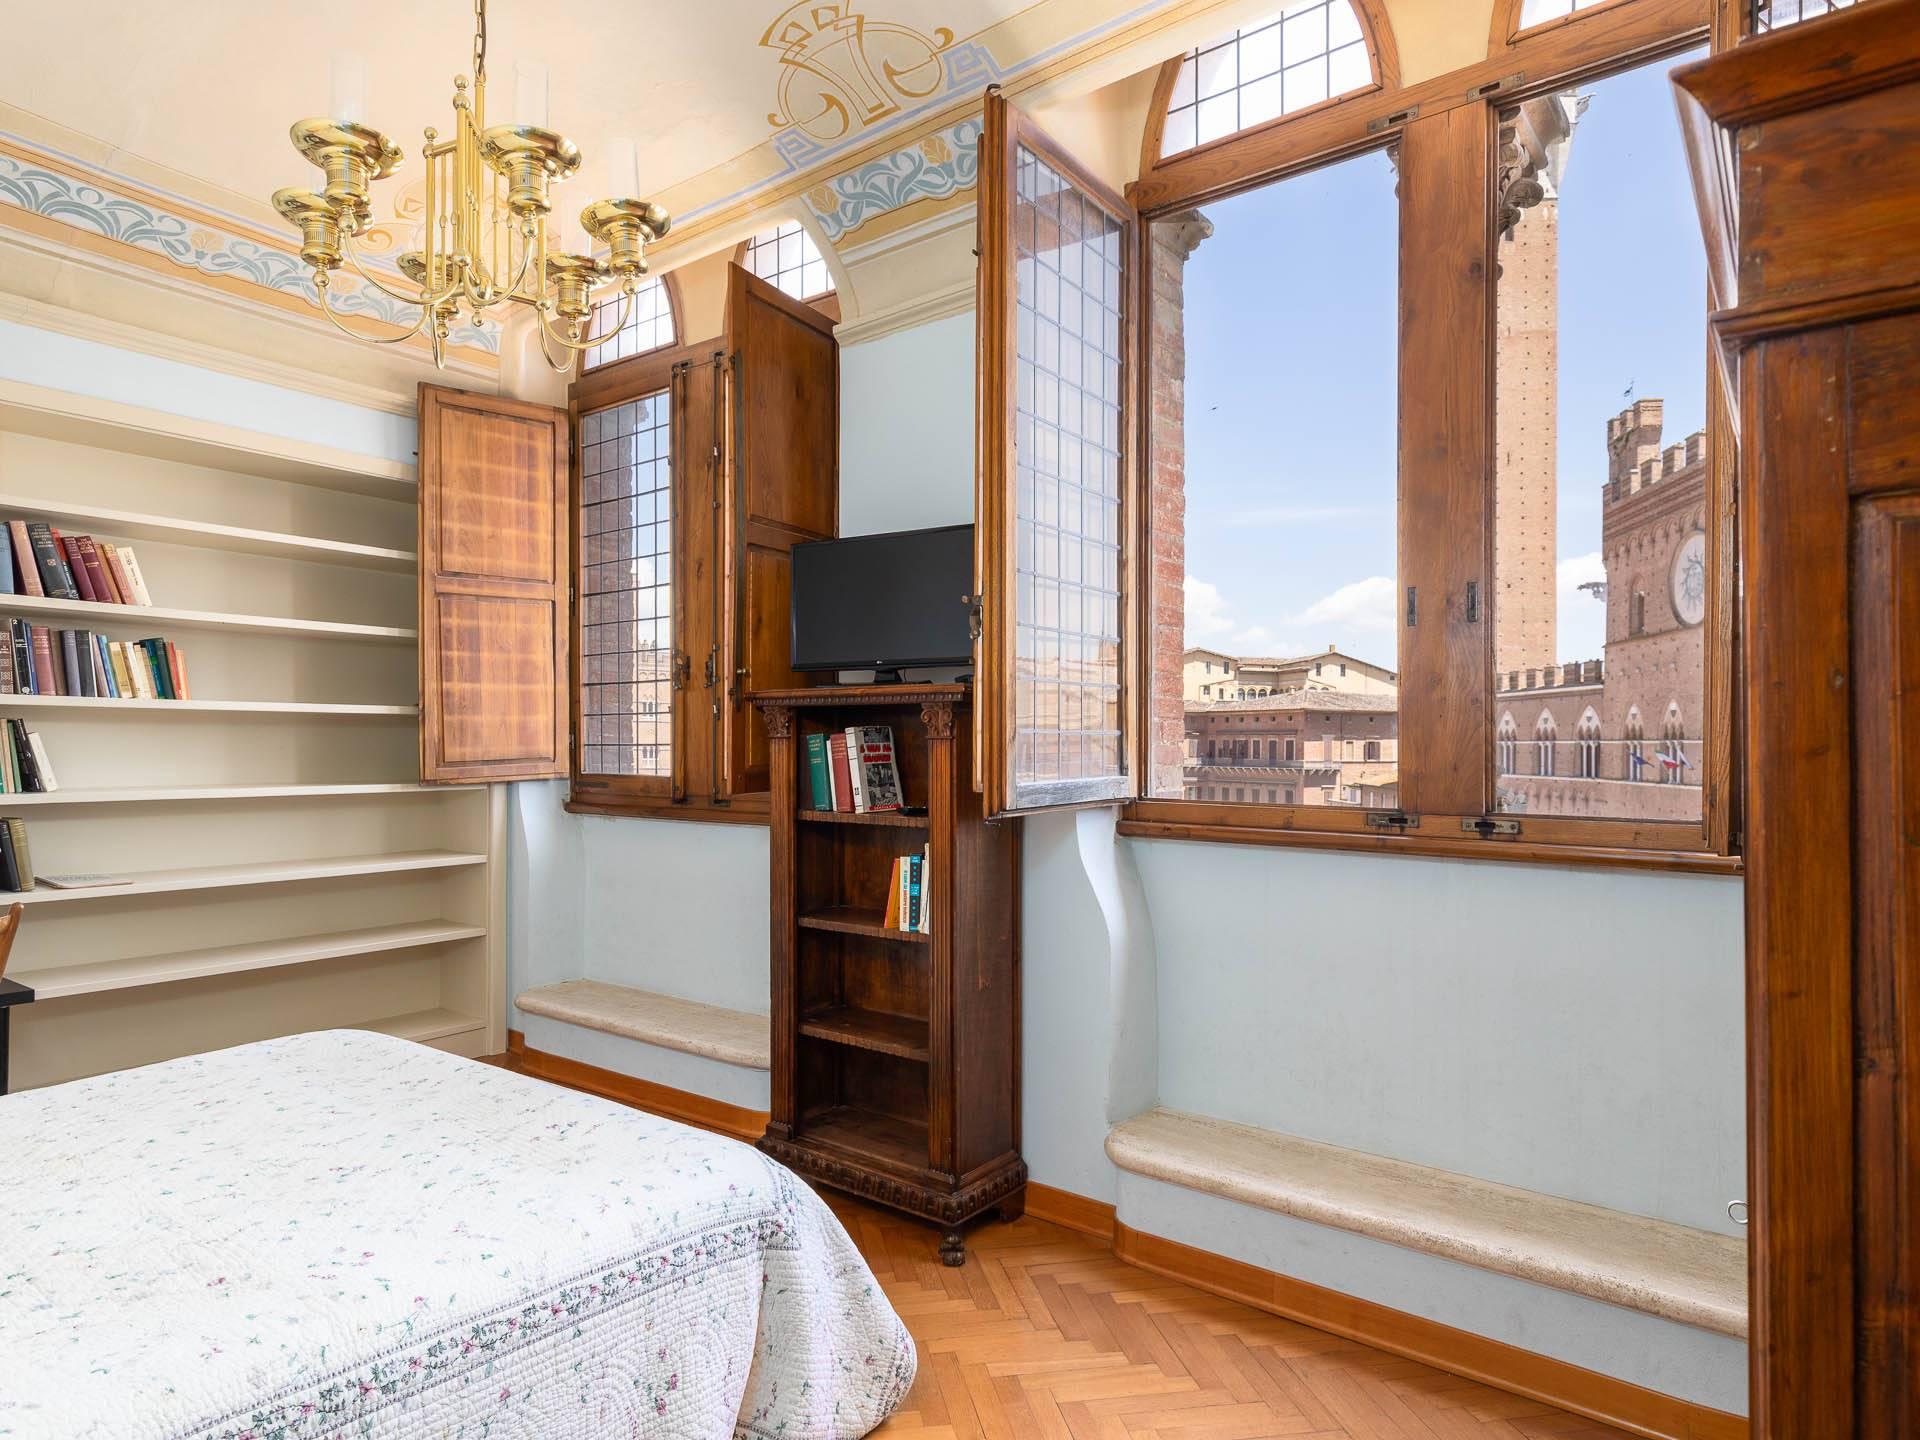 L'immobile si sviluppa su più livelli, con l'ingresso indipendente comodamente sito al piano terra, con cantinetta a vista e studio nel soppalco. Al